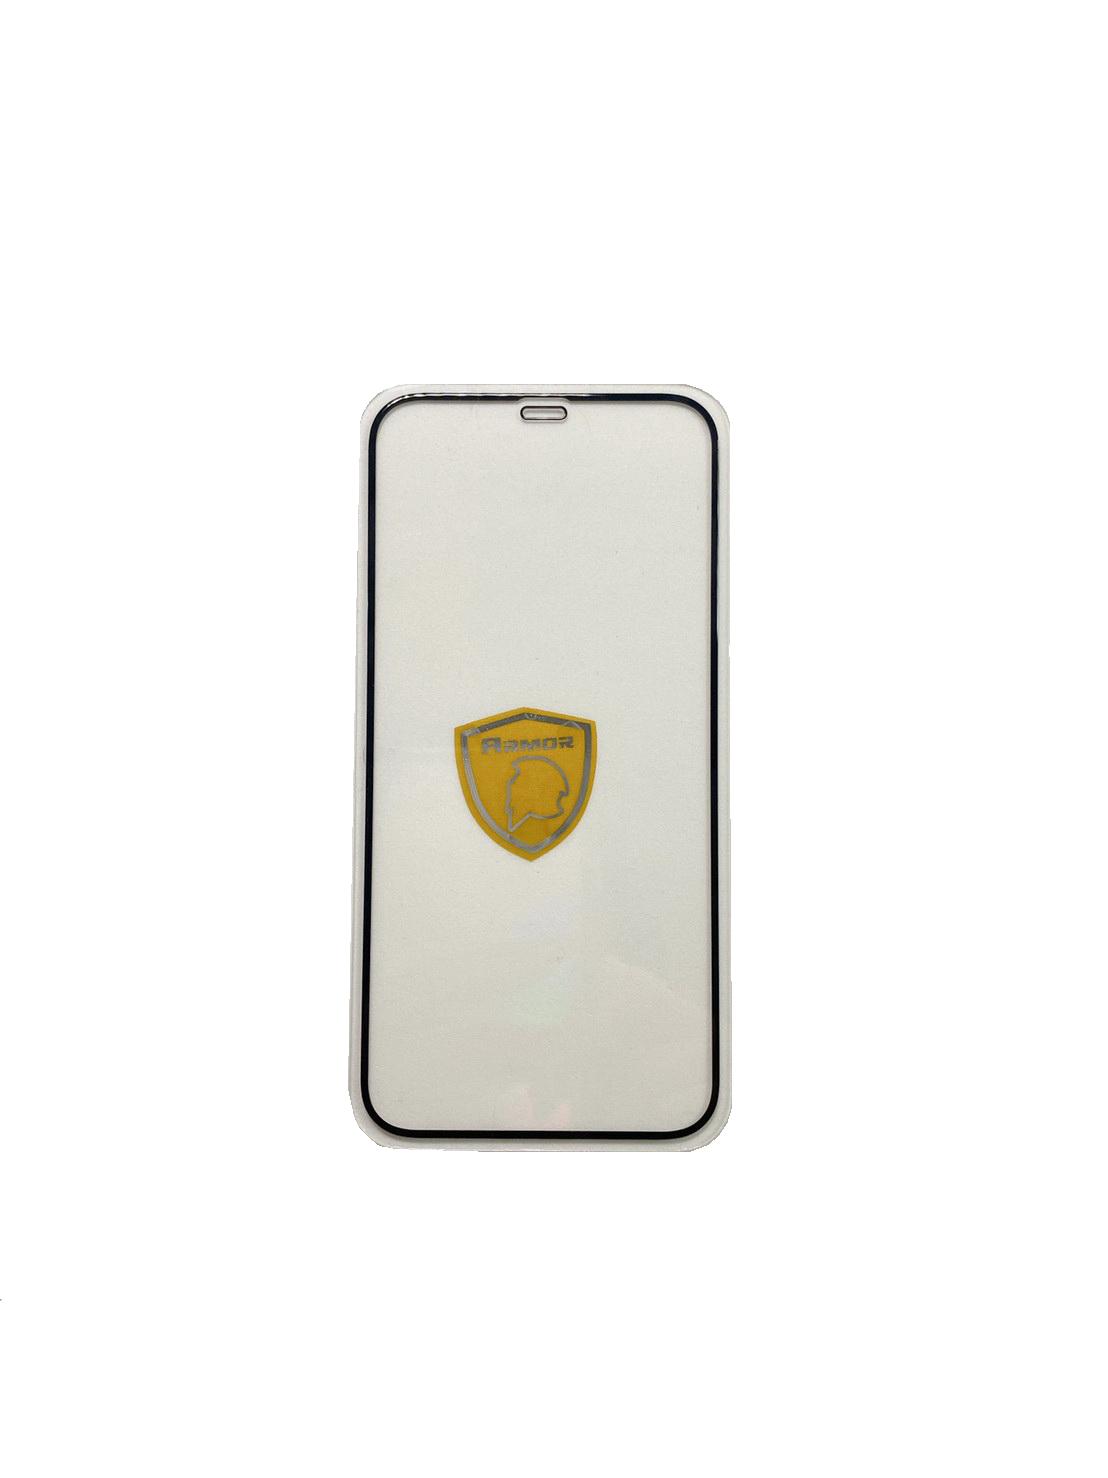 【硬度達50公斤】IPhone 12 6.1吋 DAPAD 極致 防護 3D 滿版 滿膠 鋼化玻璃貼